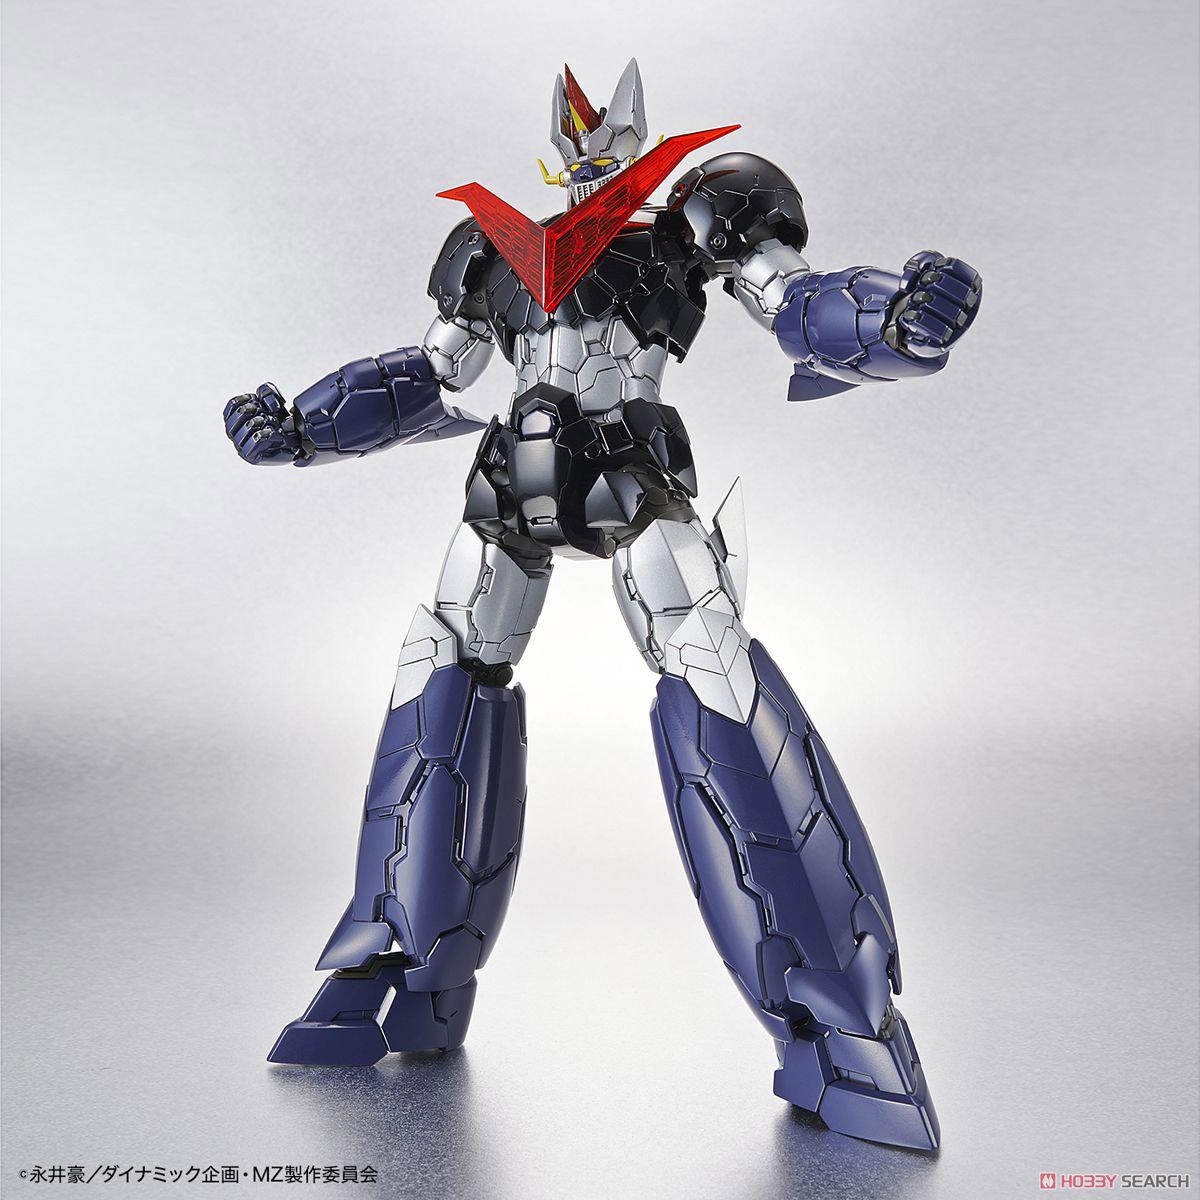 【再販】HG 1/144『グレートマジンガー(マジンガーZ INFINITY Ver.)』プラモデル-005